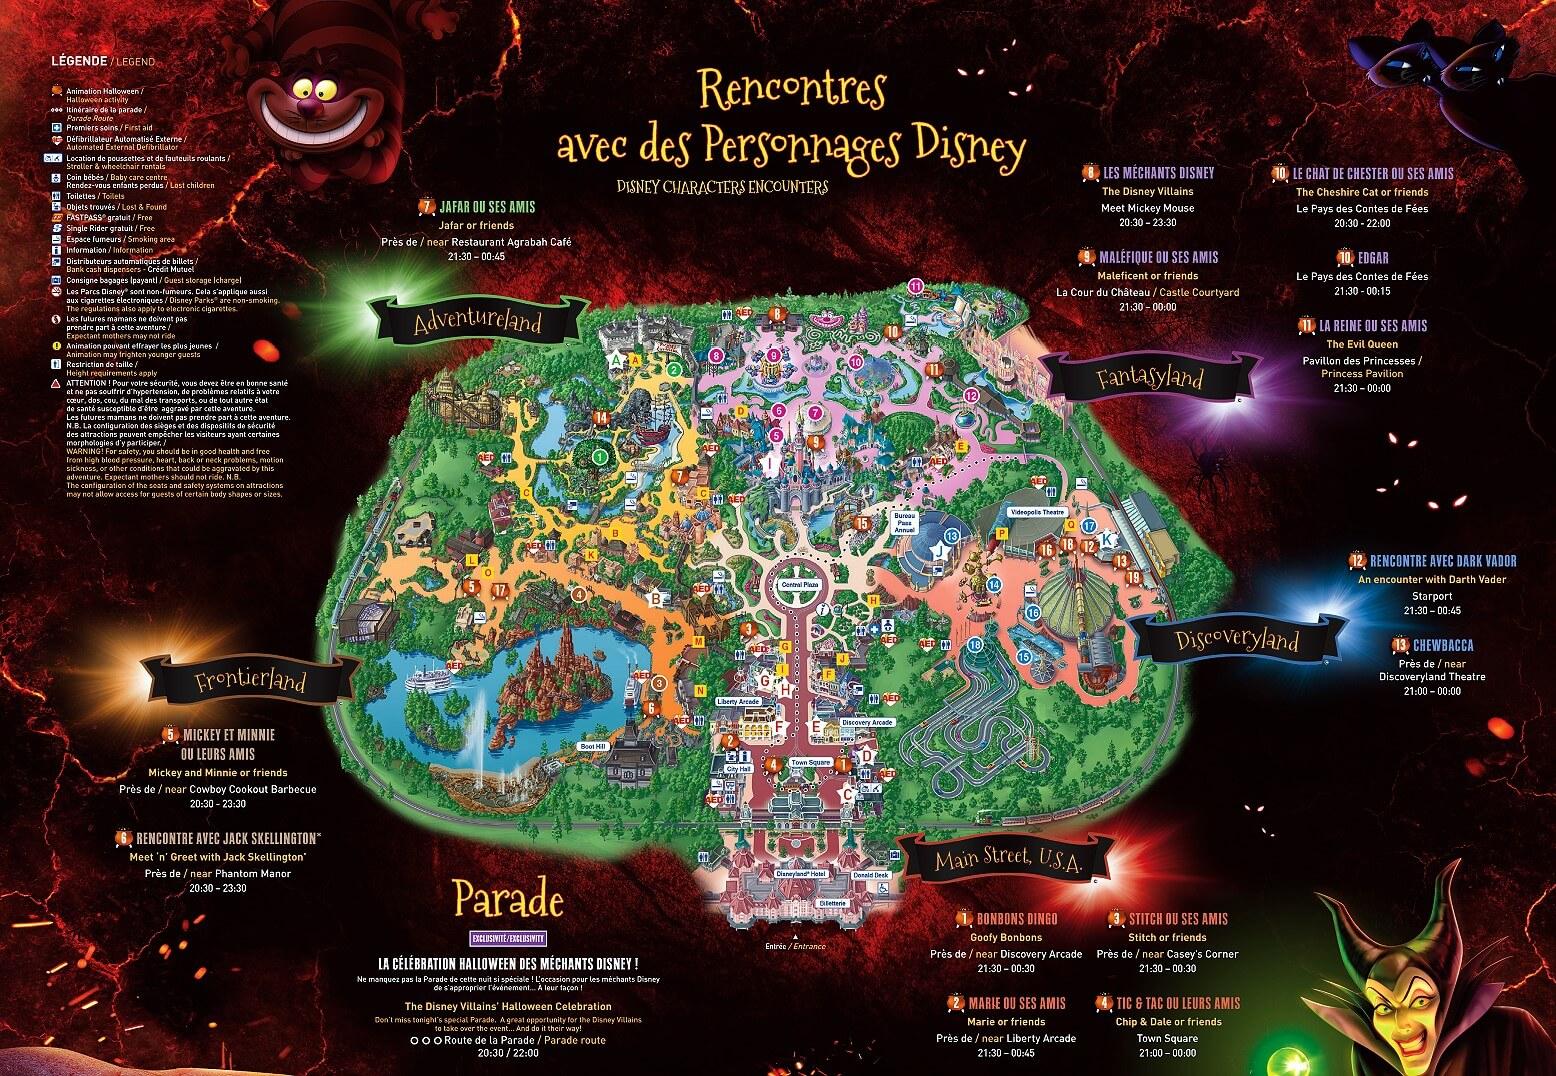 Plan der Meet & greets mit den Disney Villains